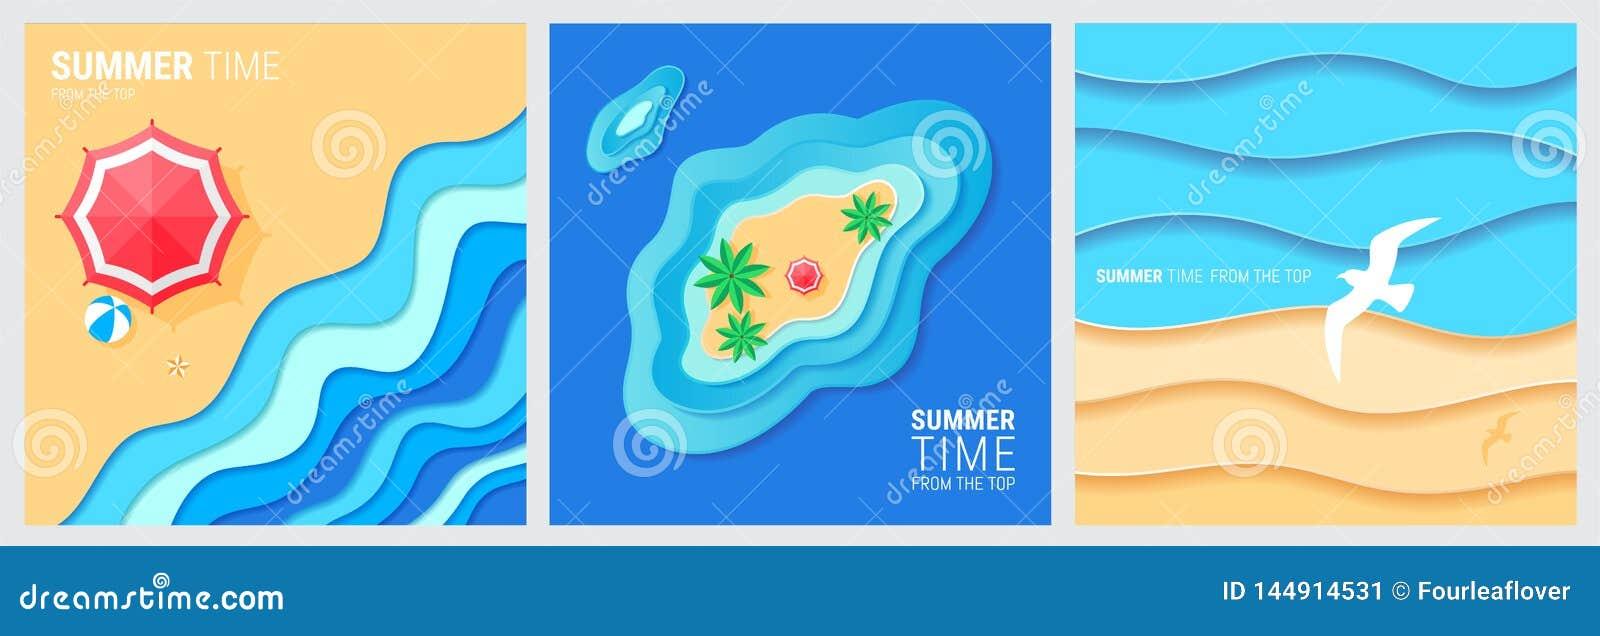 Abstrakt bl? havs- och strandsommarbakgrund